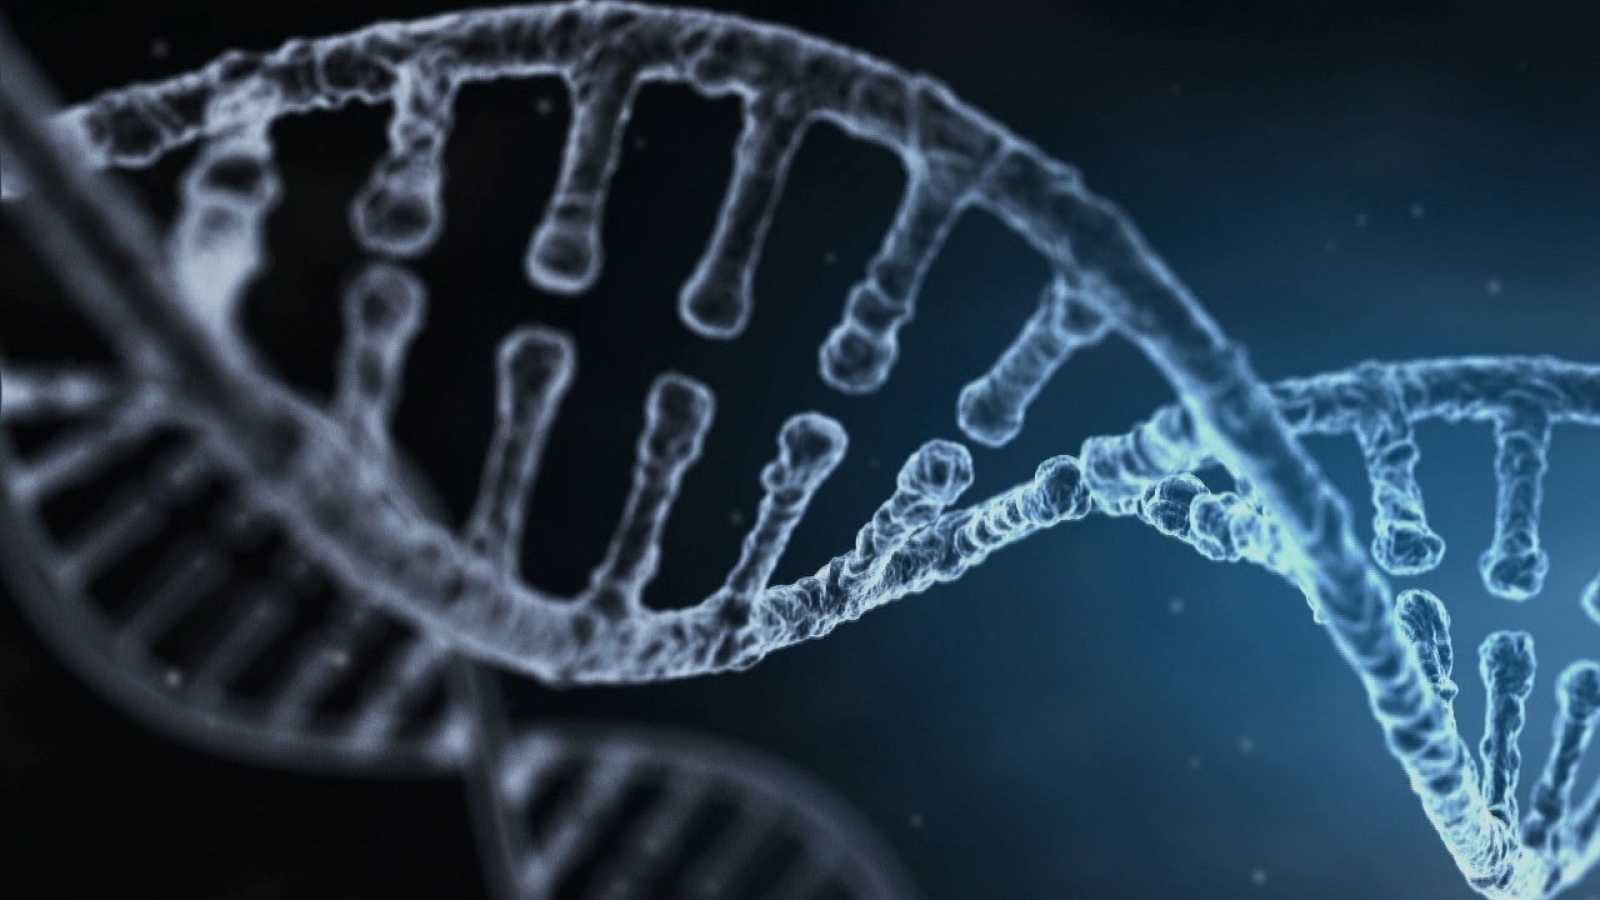 Los tests genéticos domésticos abren la posibilidad a conocernos mejor, pero traen ciertos riesgos